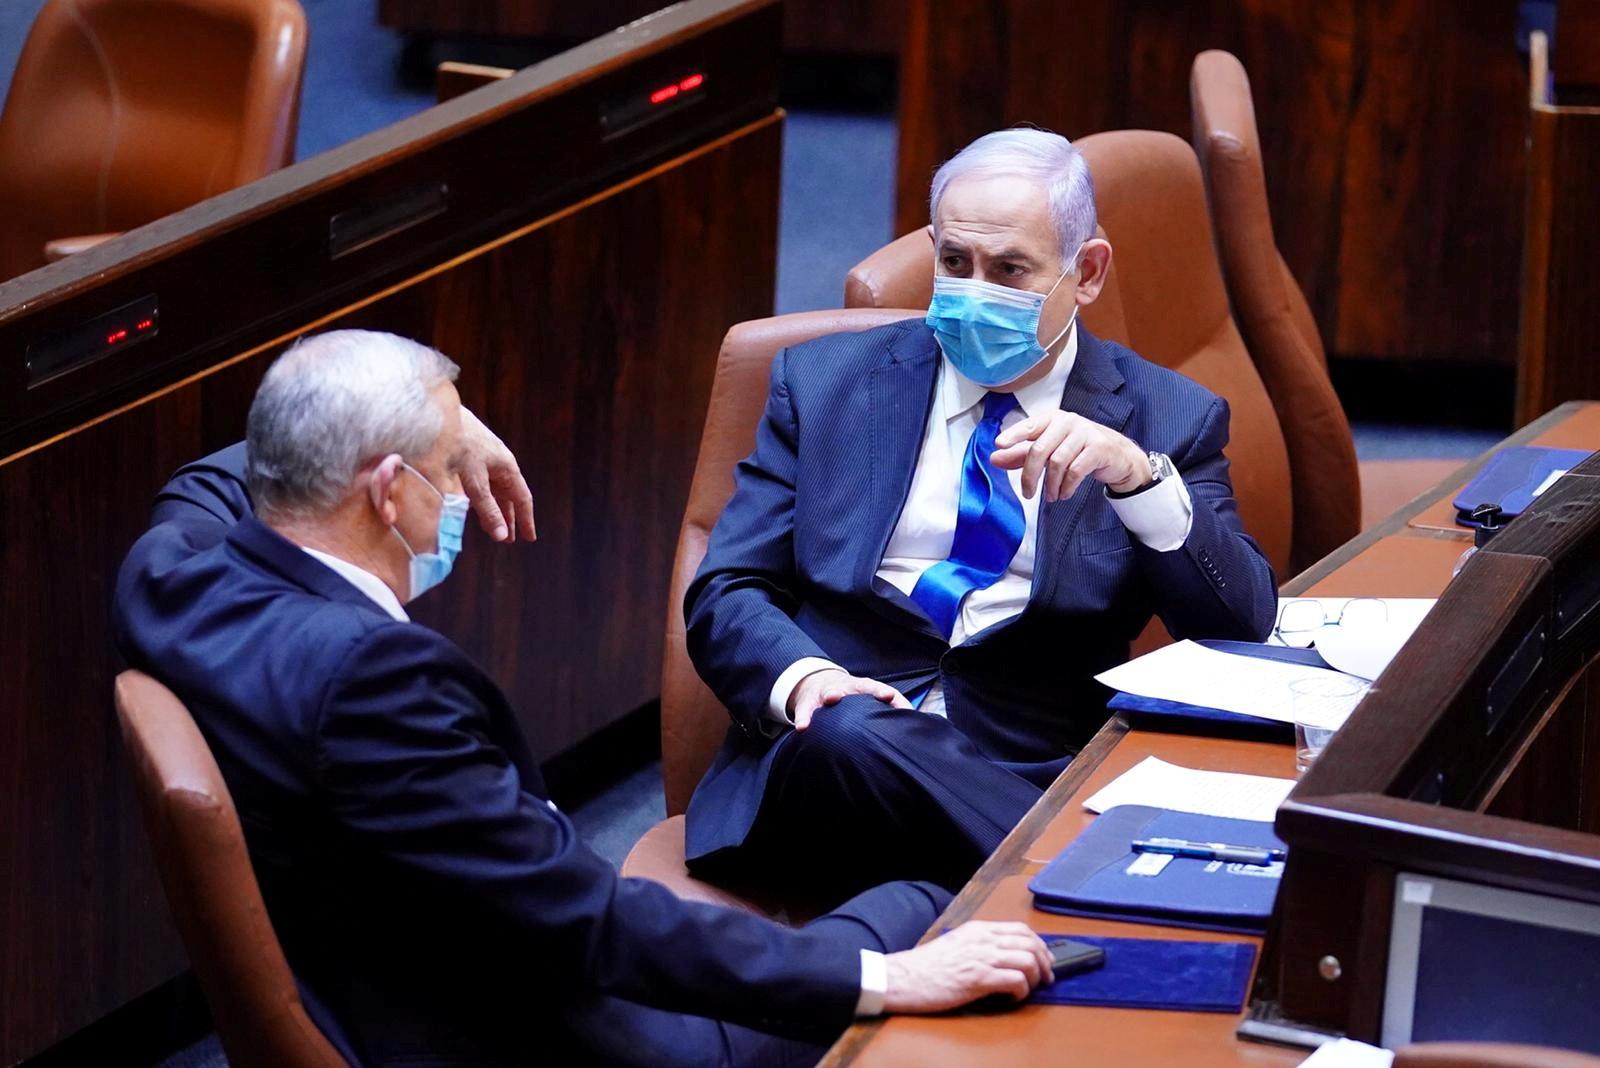 إسرائيل مقبلة على انتخابات مبكرة مع انتهاء مهلة إقرار الميزانية